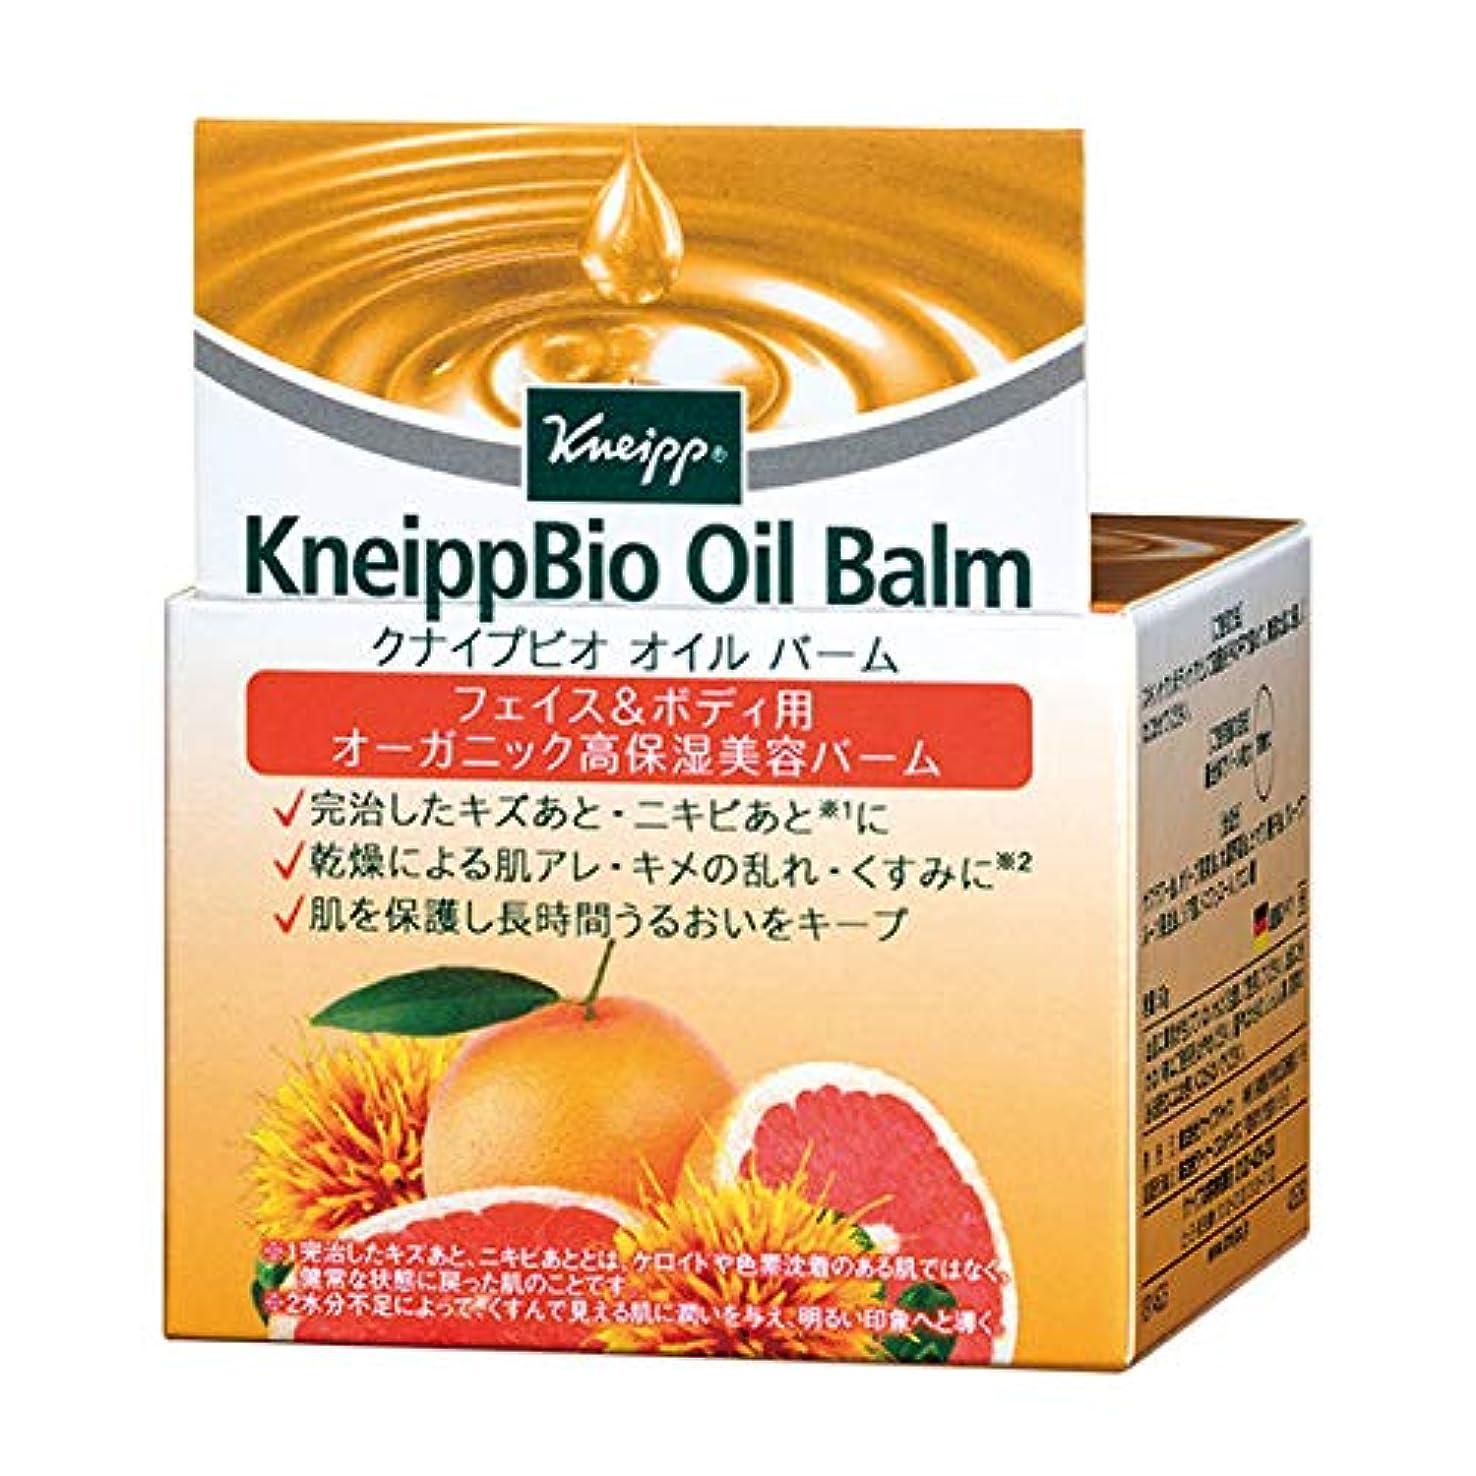 ヒョウベルベットゆりクナイプ(Kneipp) クナイプビオ オイル バーム 50g 美容液